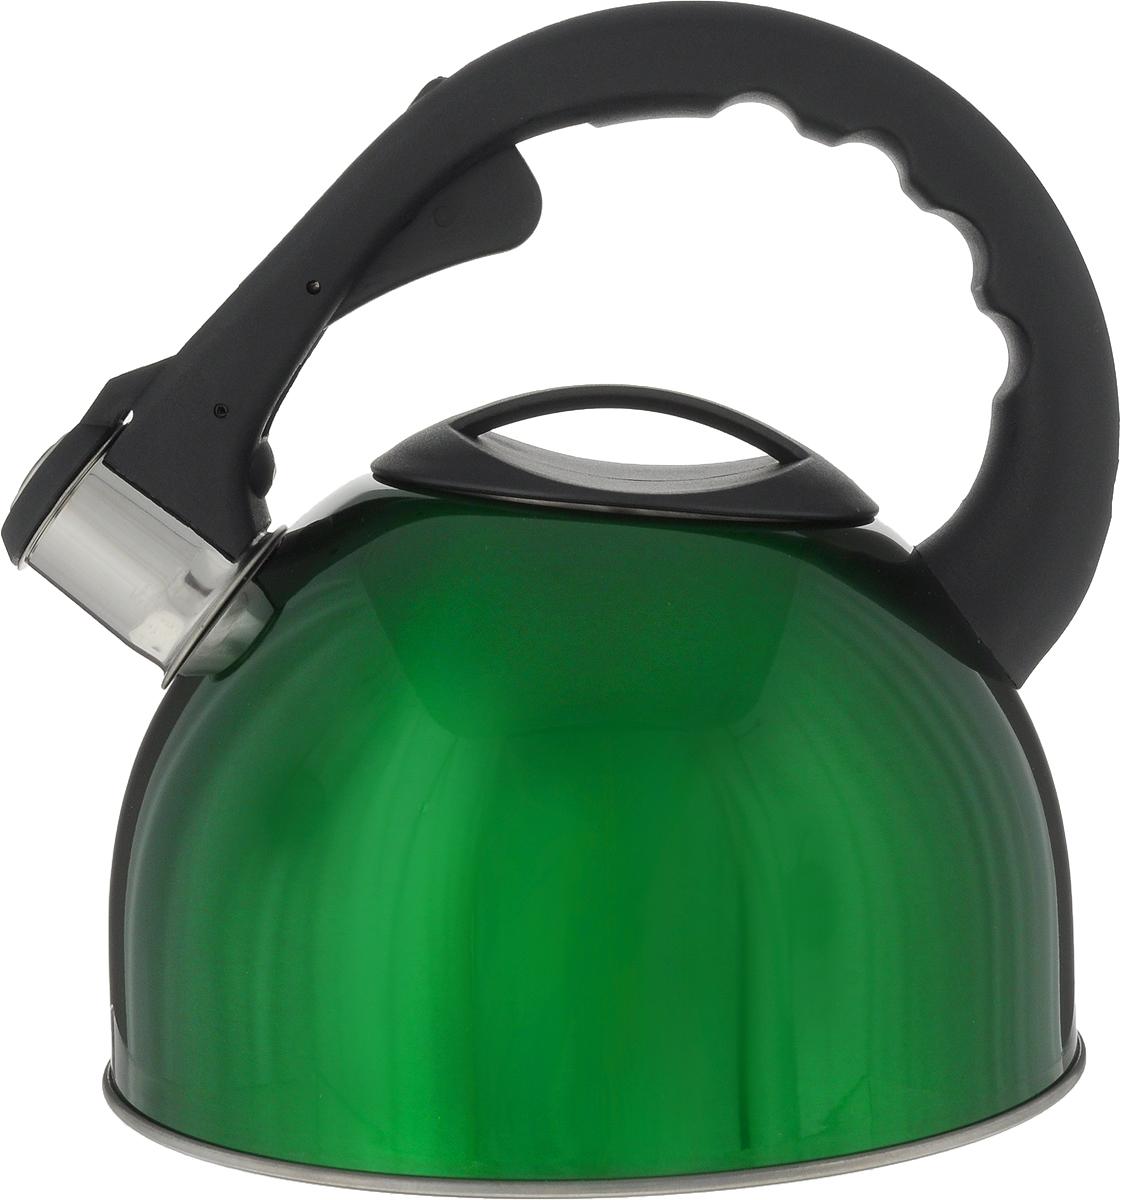 Чайник Teco, со свистком, цвет: зеленый, 3 л. TC-103TC-103_зеленыйЧайник TECO (3,0 л.со свистком нерж.сталь стали c капсульным дном с пласт. ручкой )